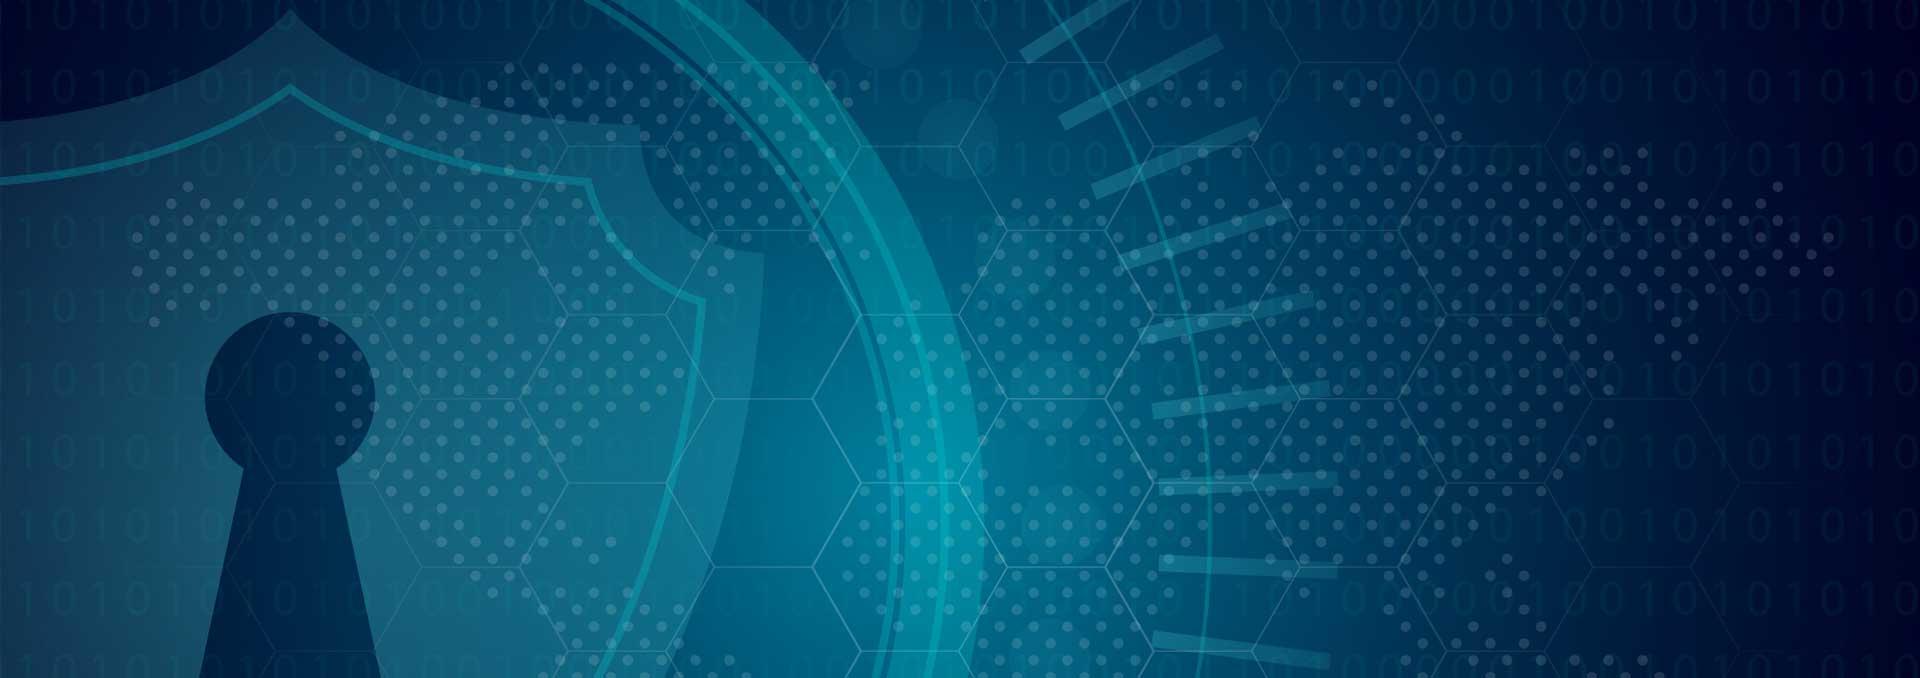 Messagenet - שיתוף והעברת קבצים